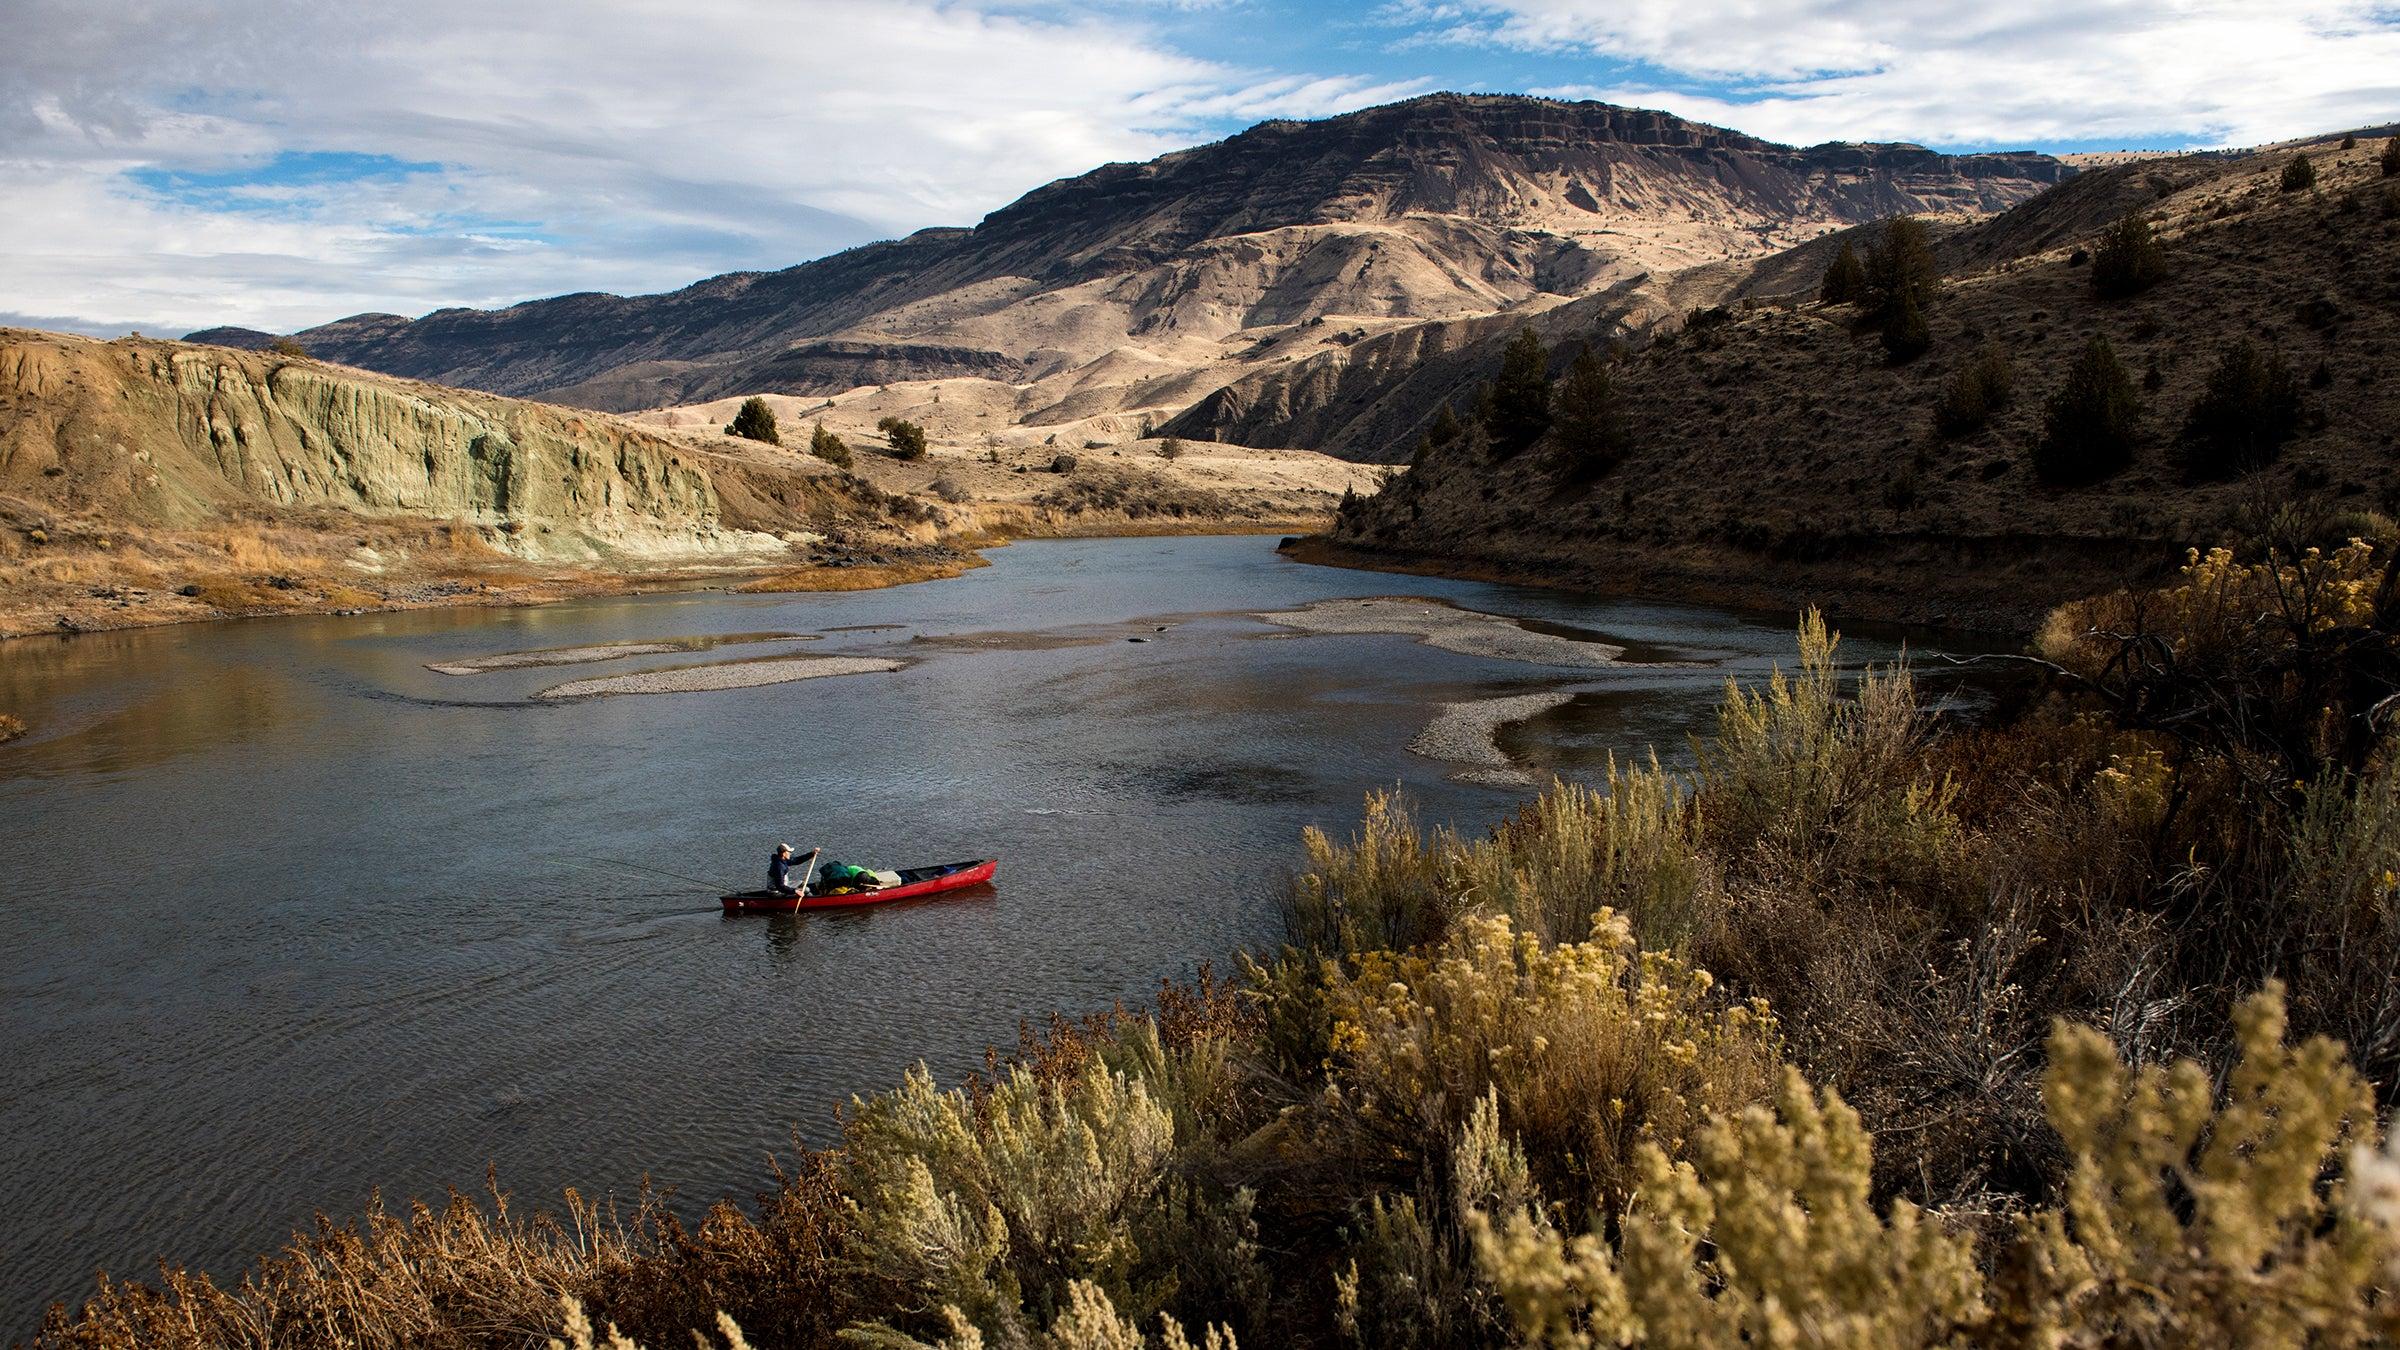 The John Day River, Oregon